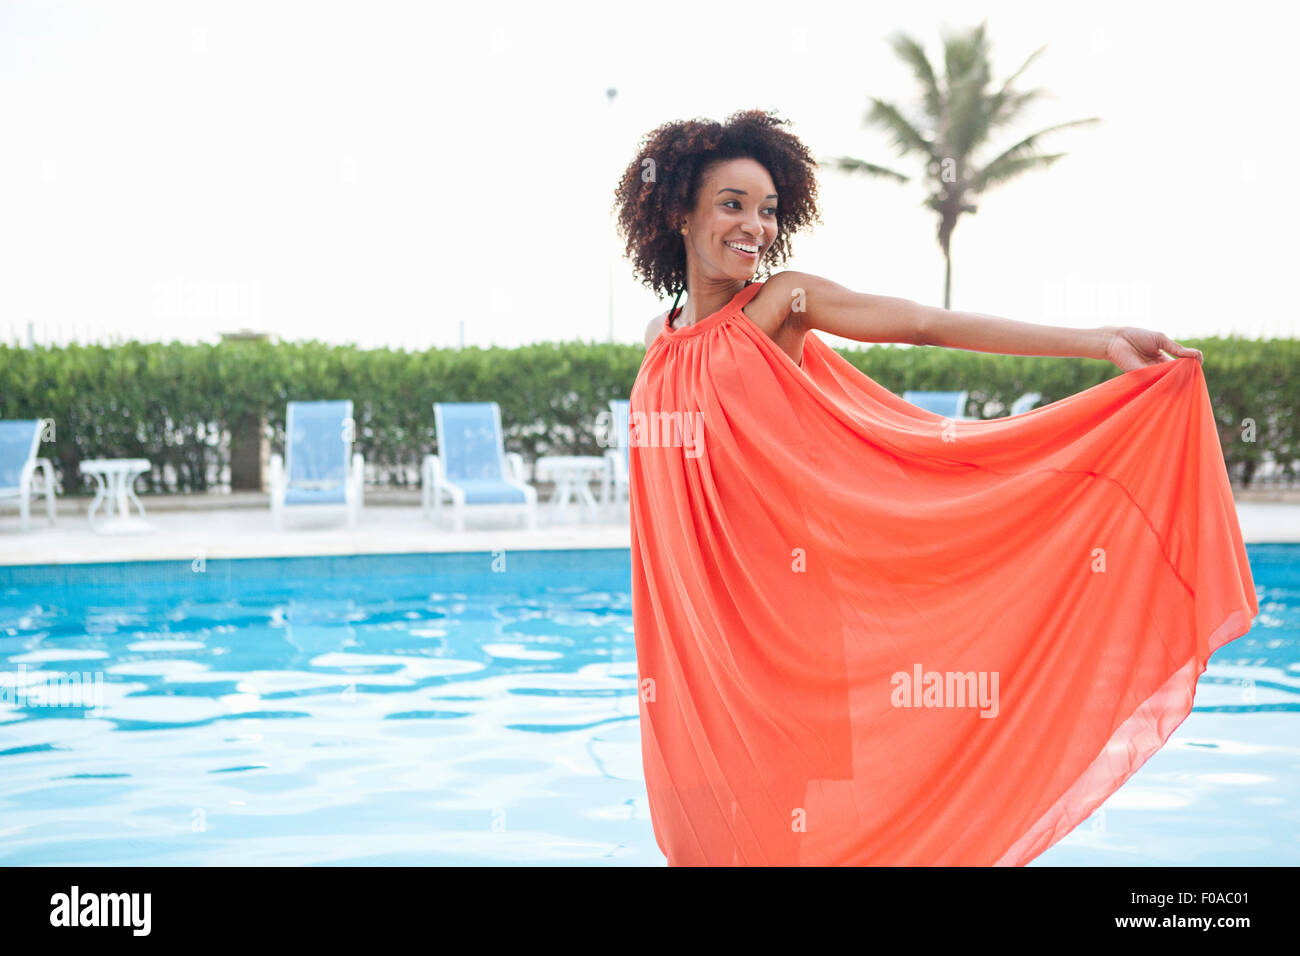 Ritratto di giovane donna che indossa abiti di colore arancione a hotel piscina, Rio de Janeiro, Brasile Immagini Stock